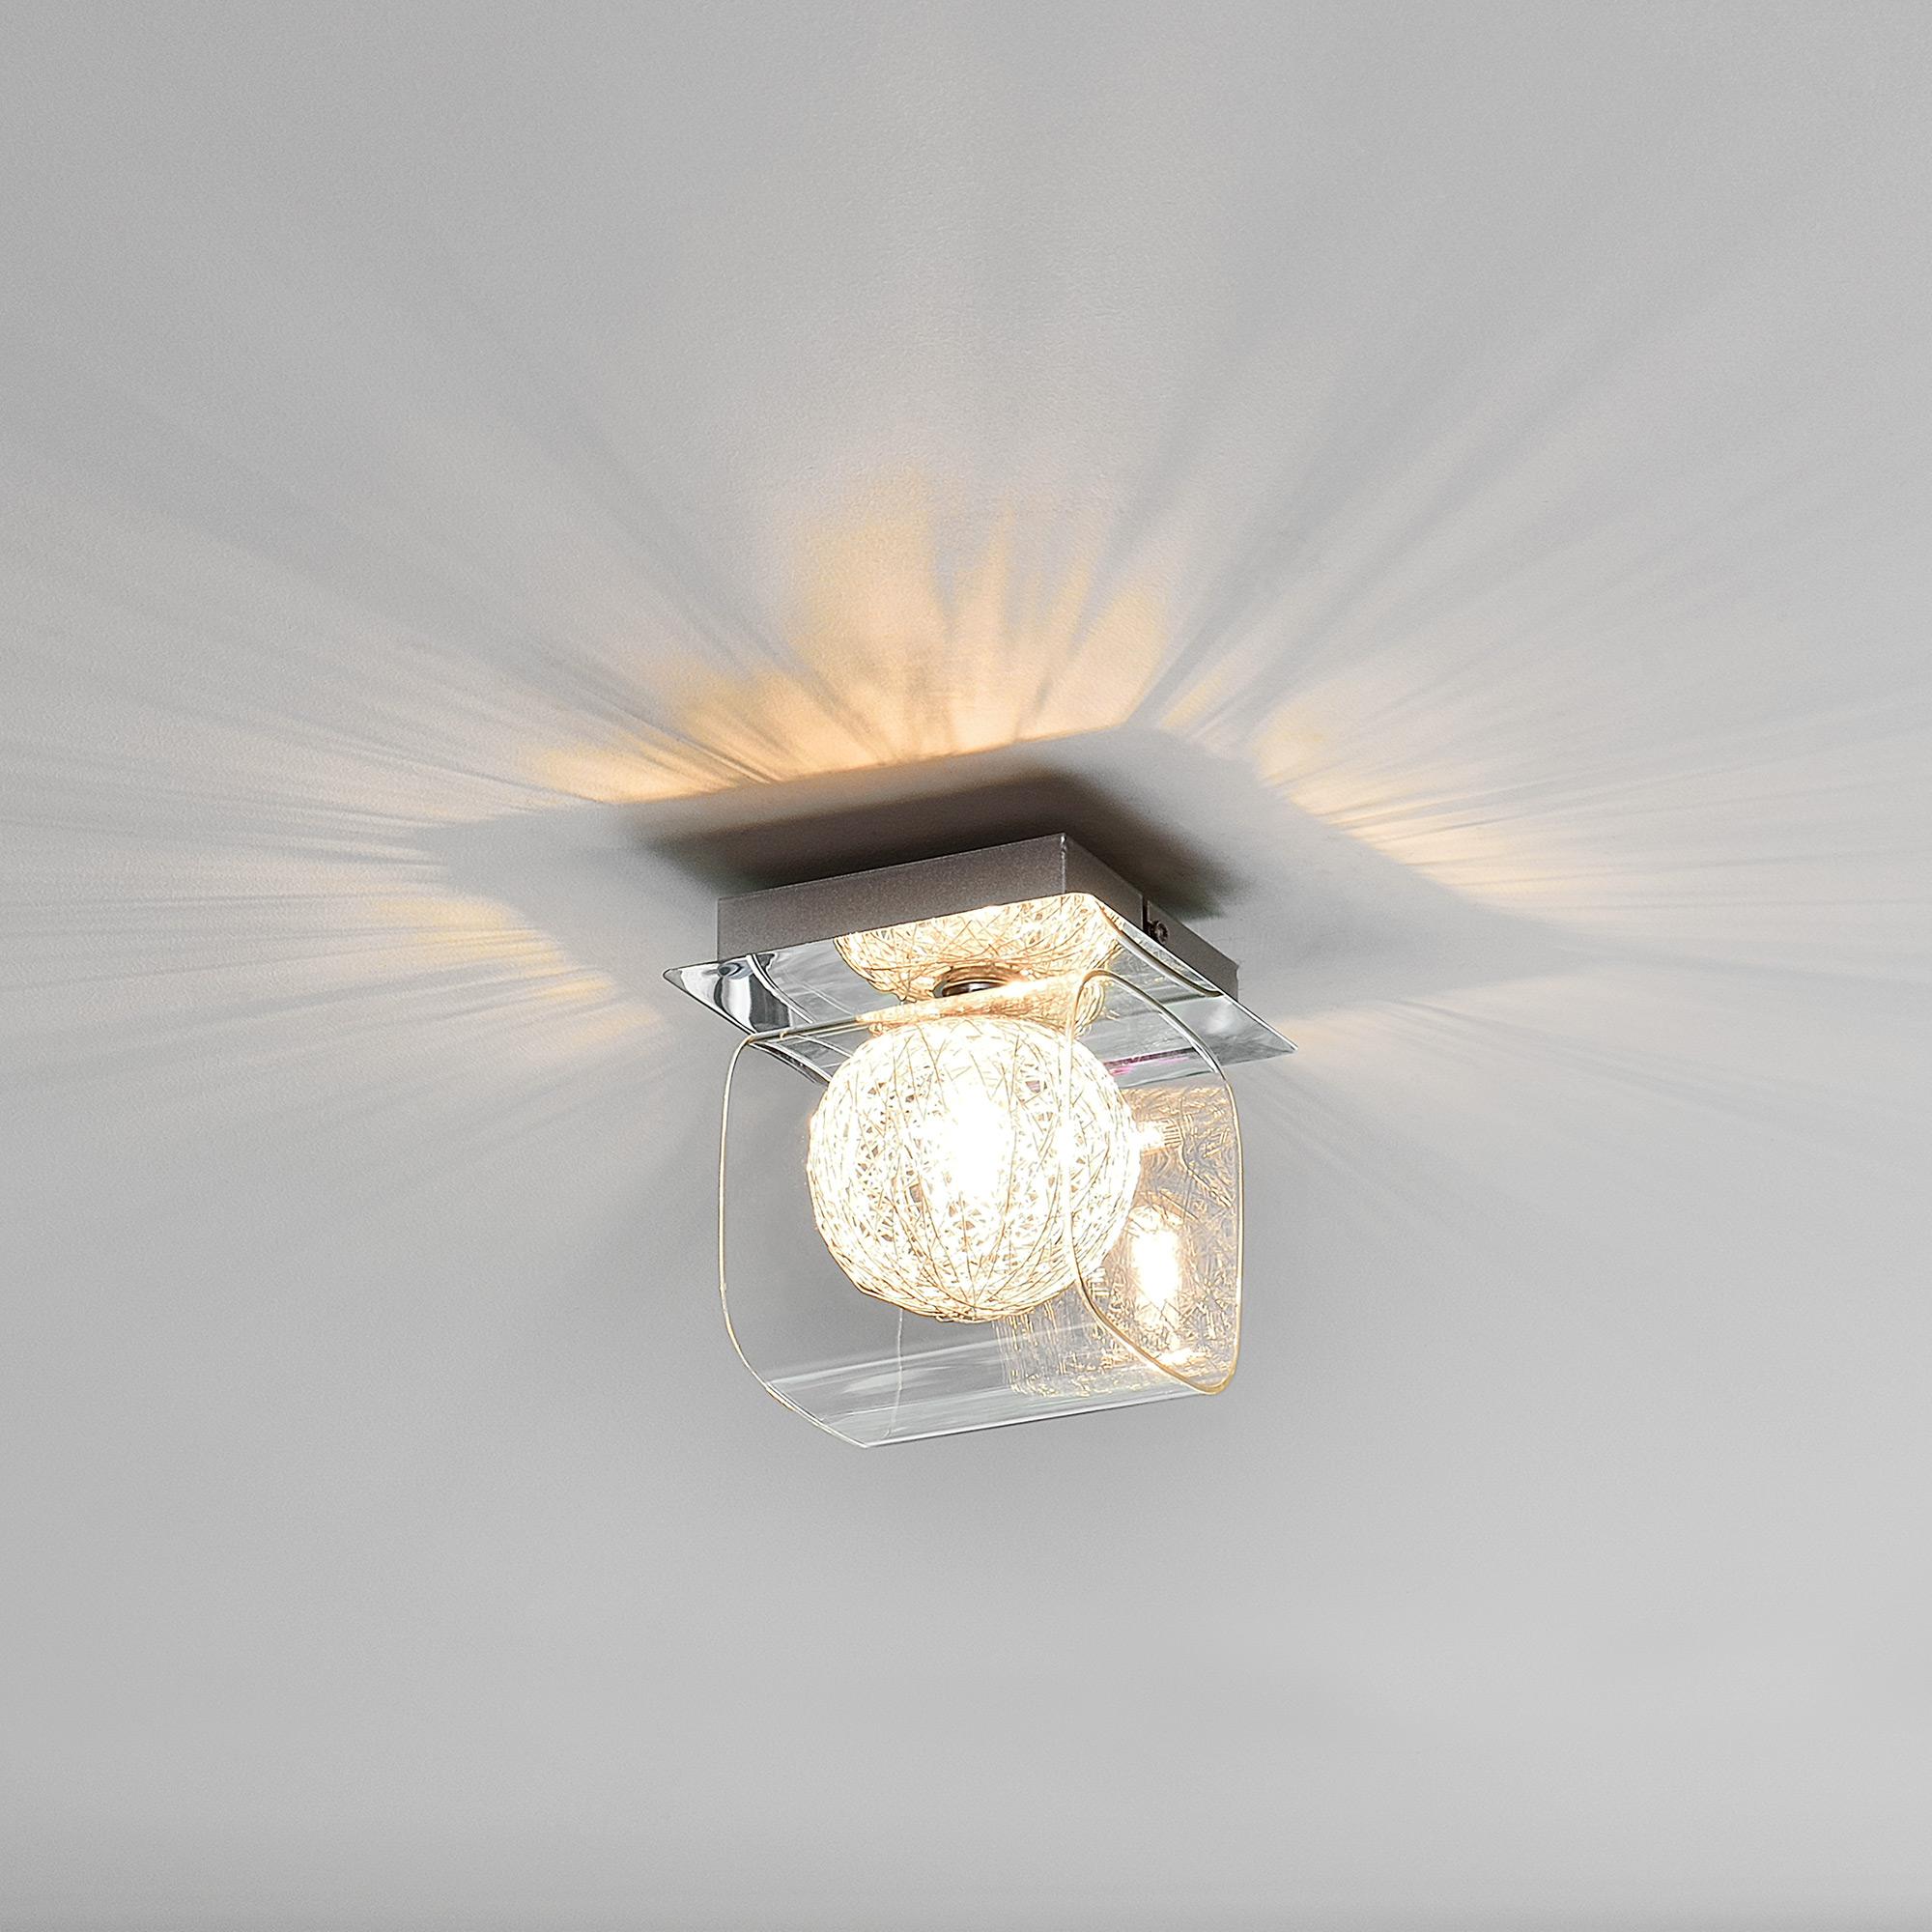 led deckenleuchte h ngeleuchte pendelleuchte l ster kronleuchter lampe ebay. Black Bedroom Furniture Sets. Home Design Ideas